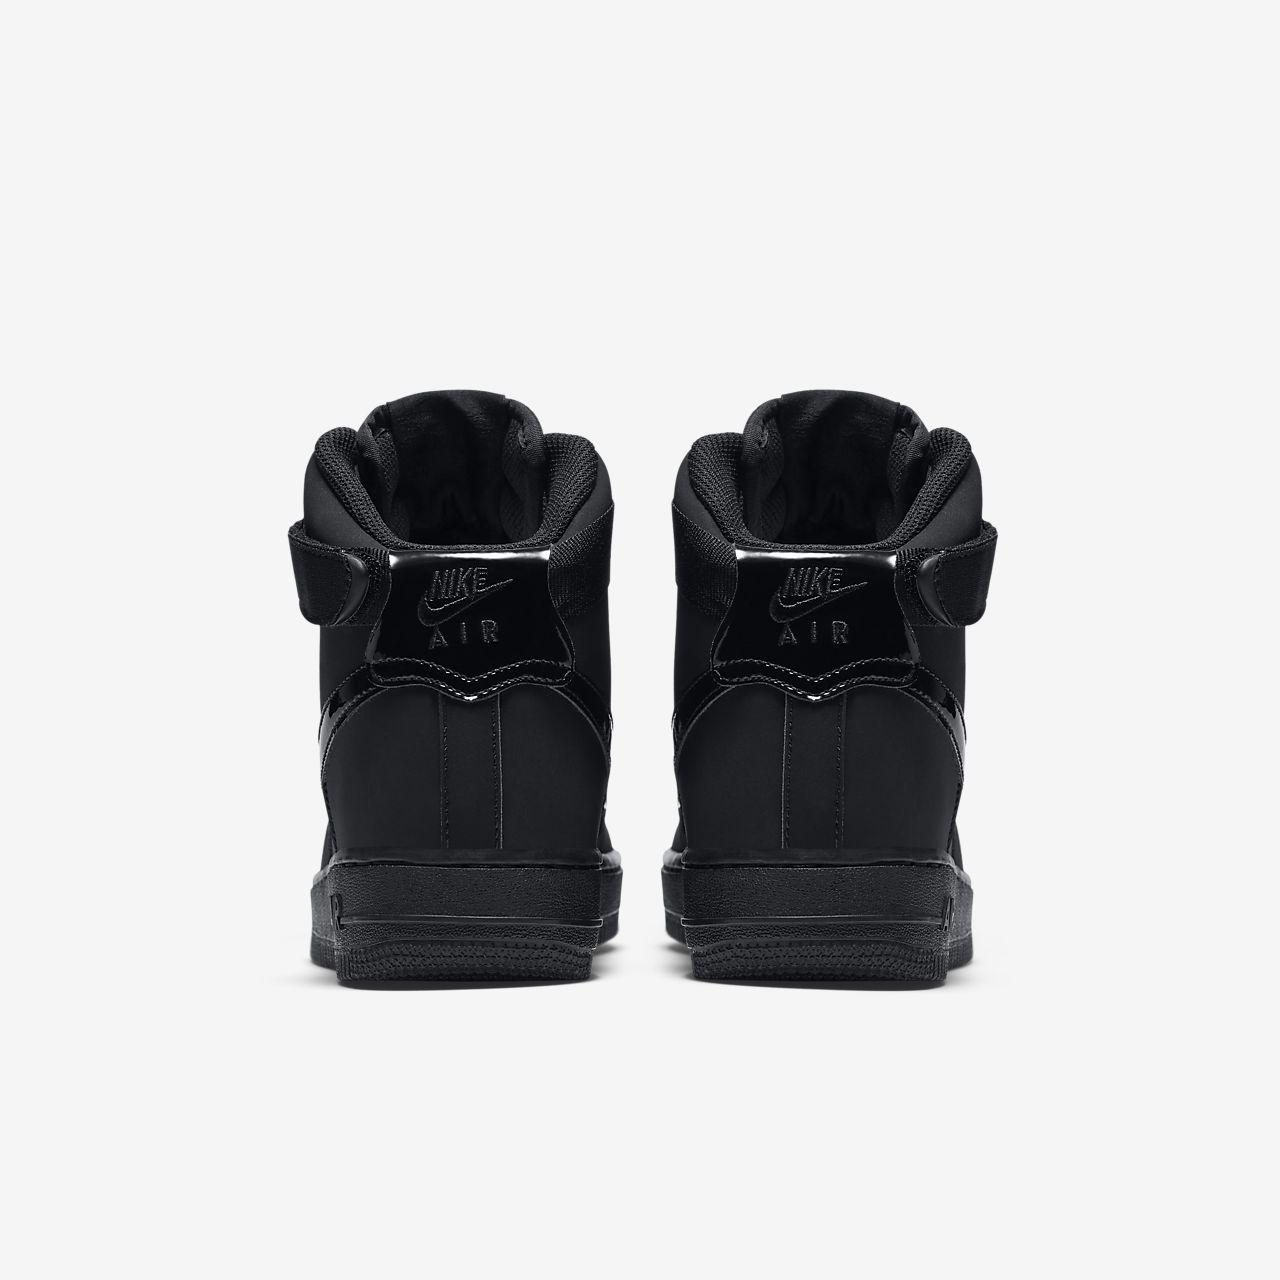 Nike Air Force 1 High 653998 001 Big Kids Us 4.5y ~ 6y